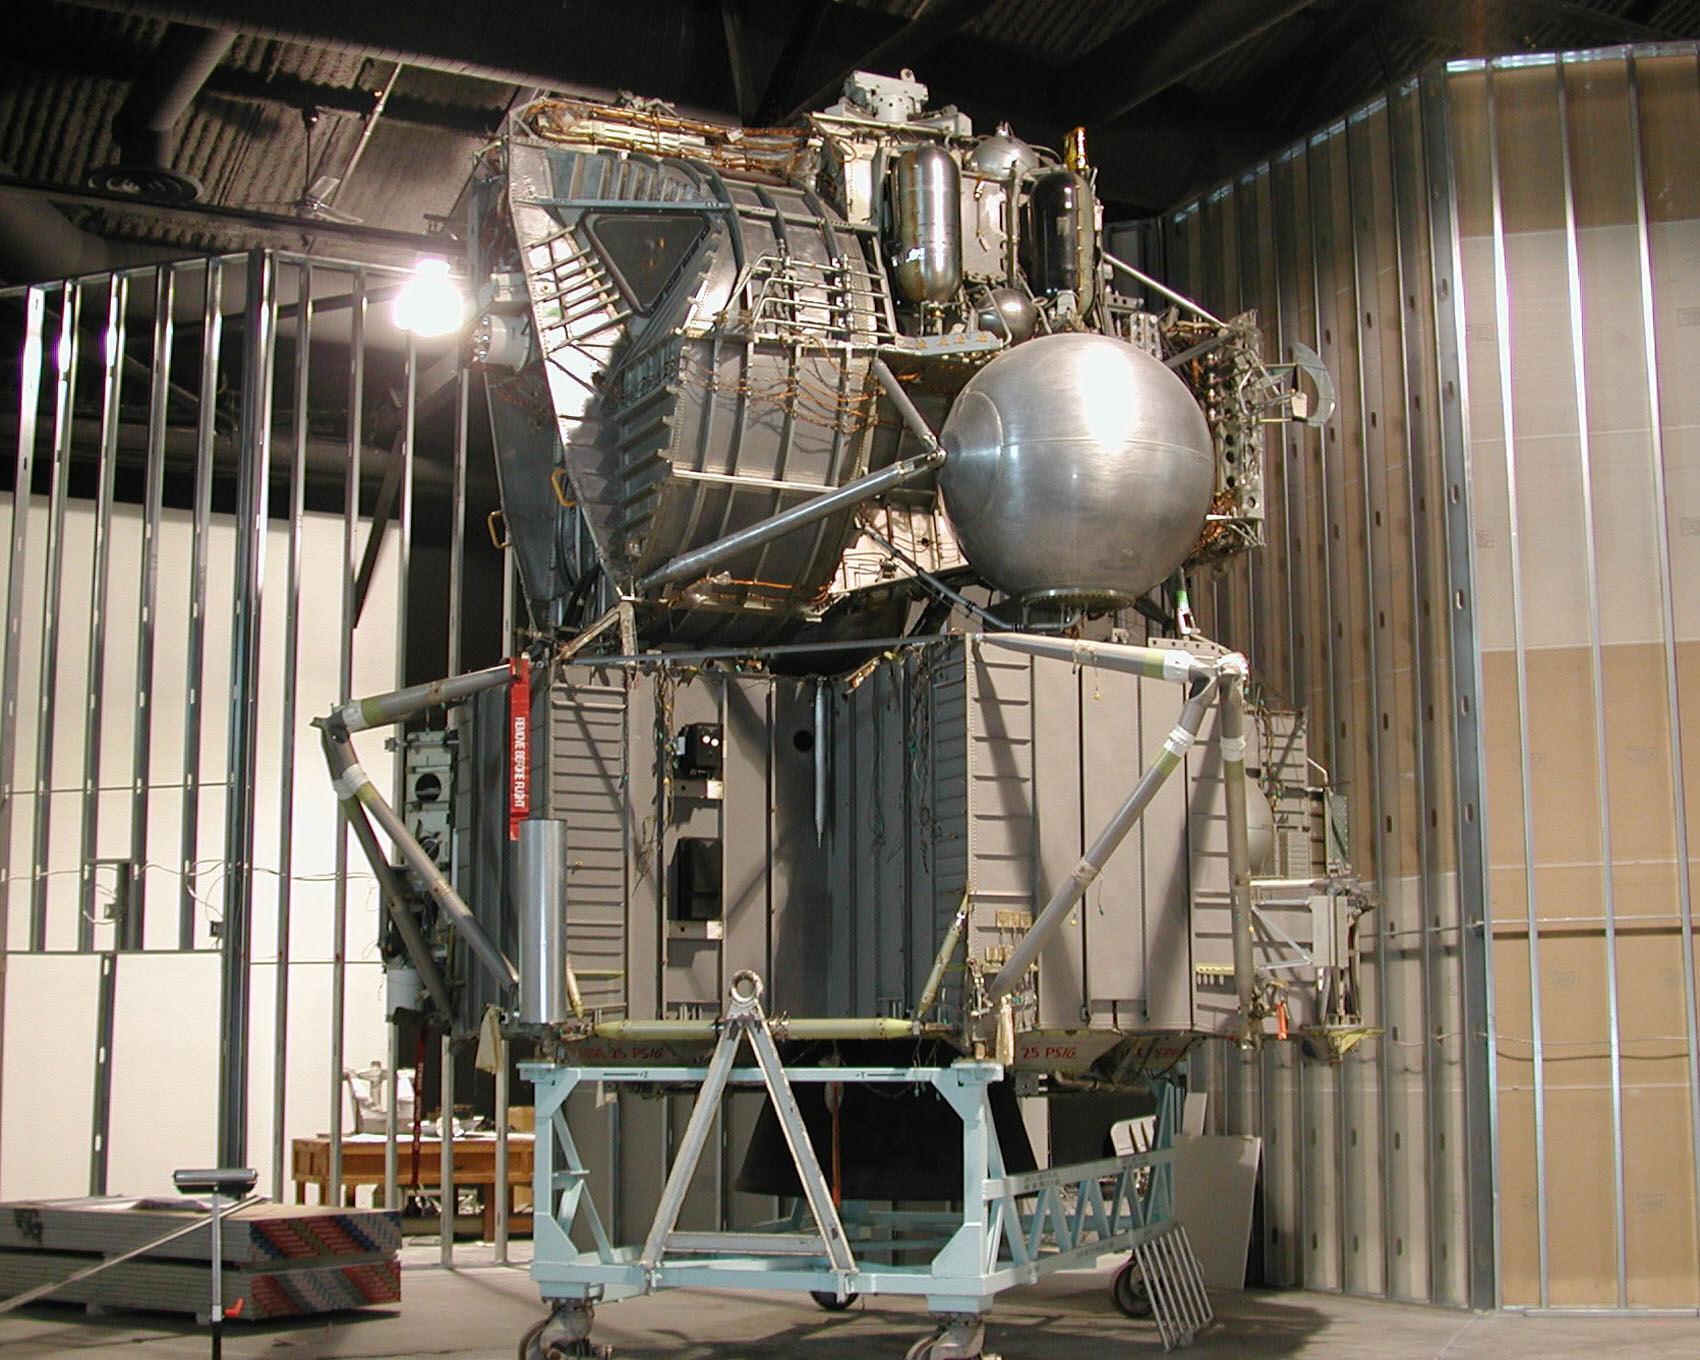 lunar module in space - photo #38